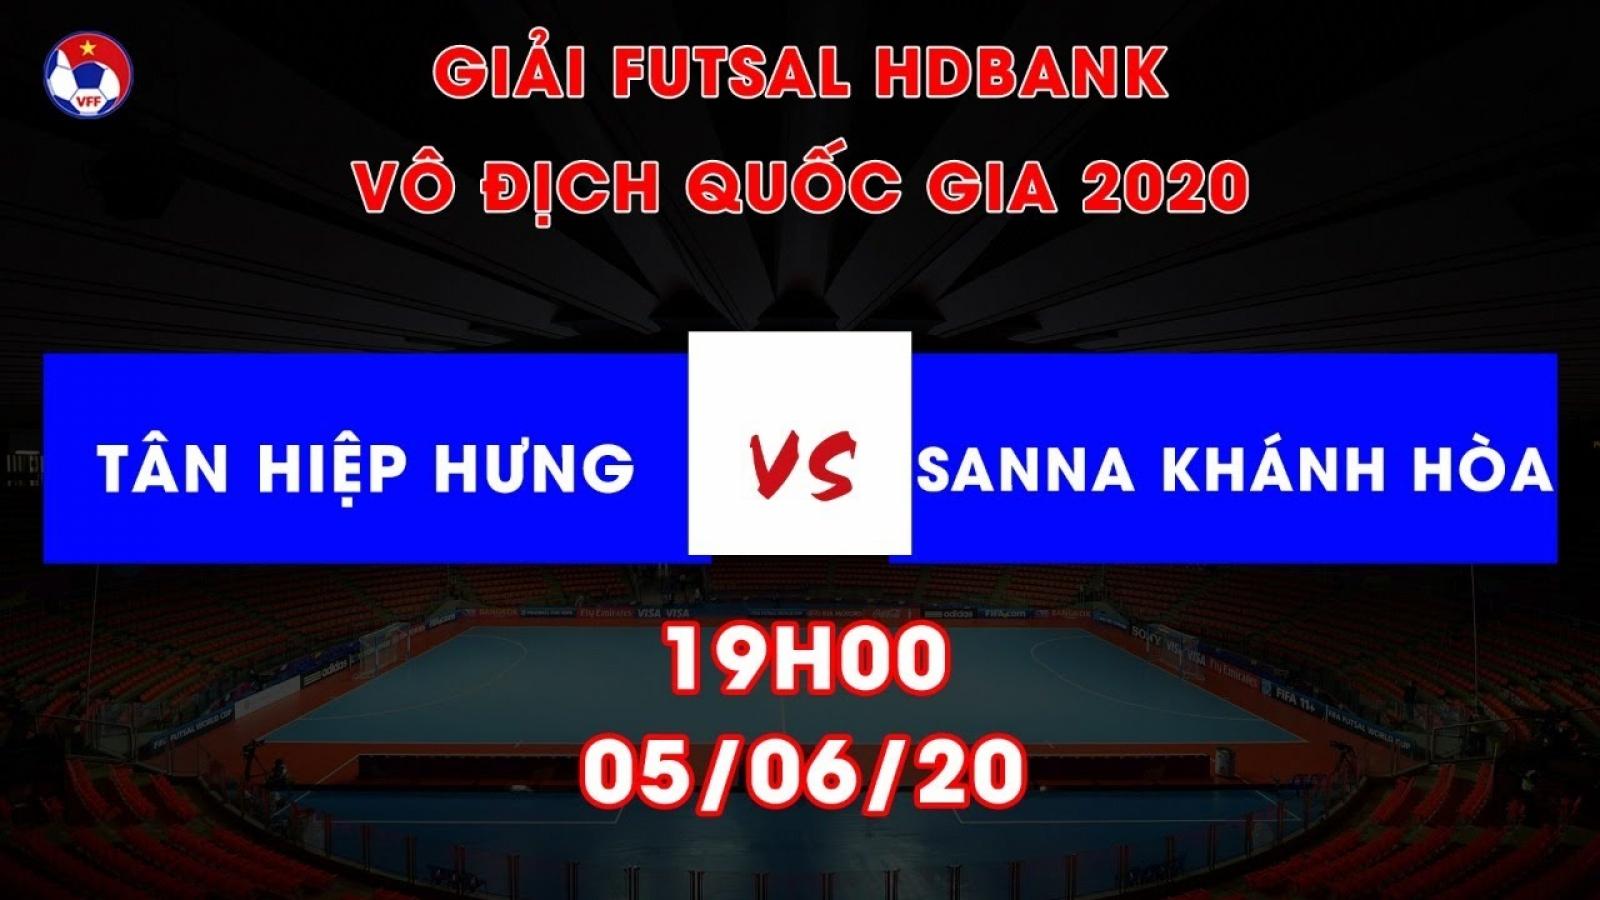 Xem trực tiếp Tân Hiệp Hưng vs S. Sanna Khánh Hòa